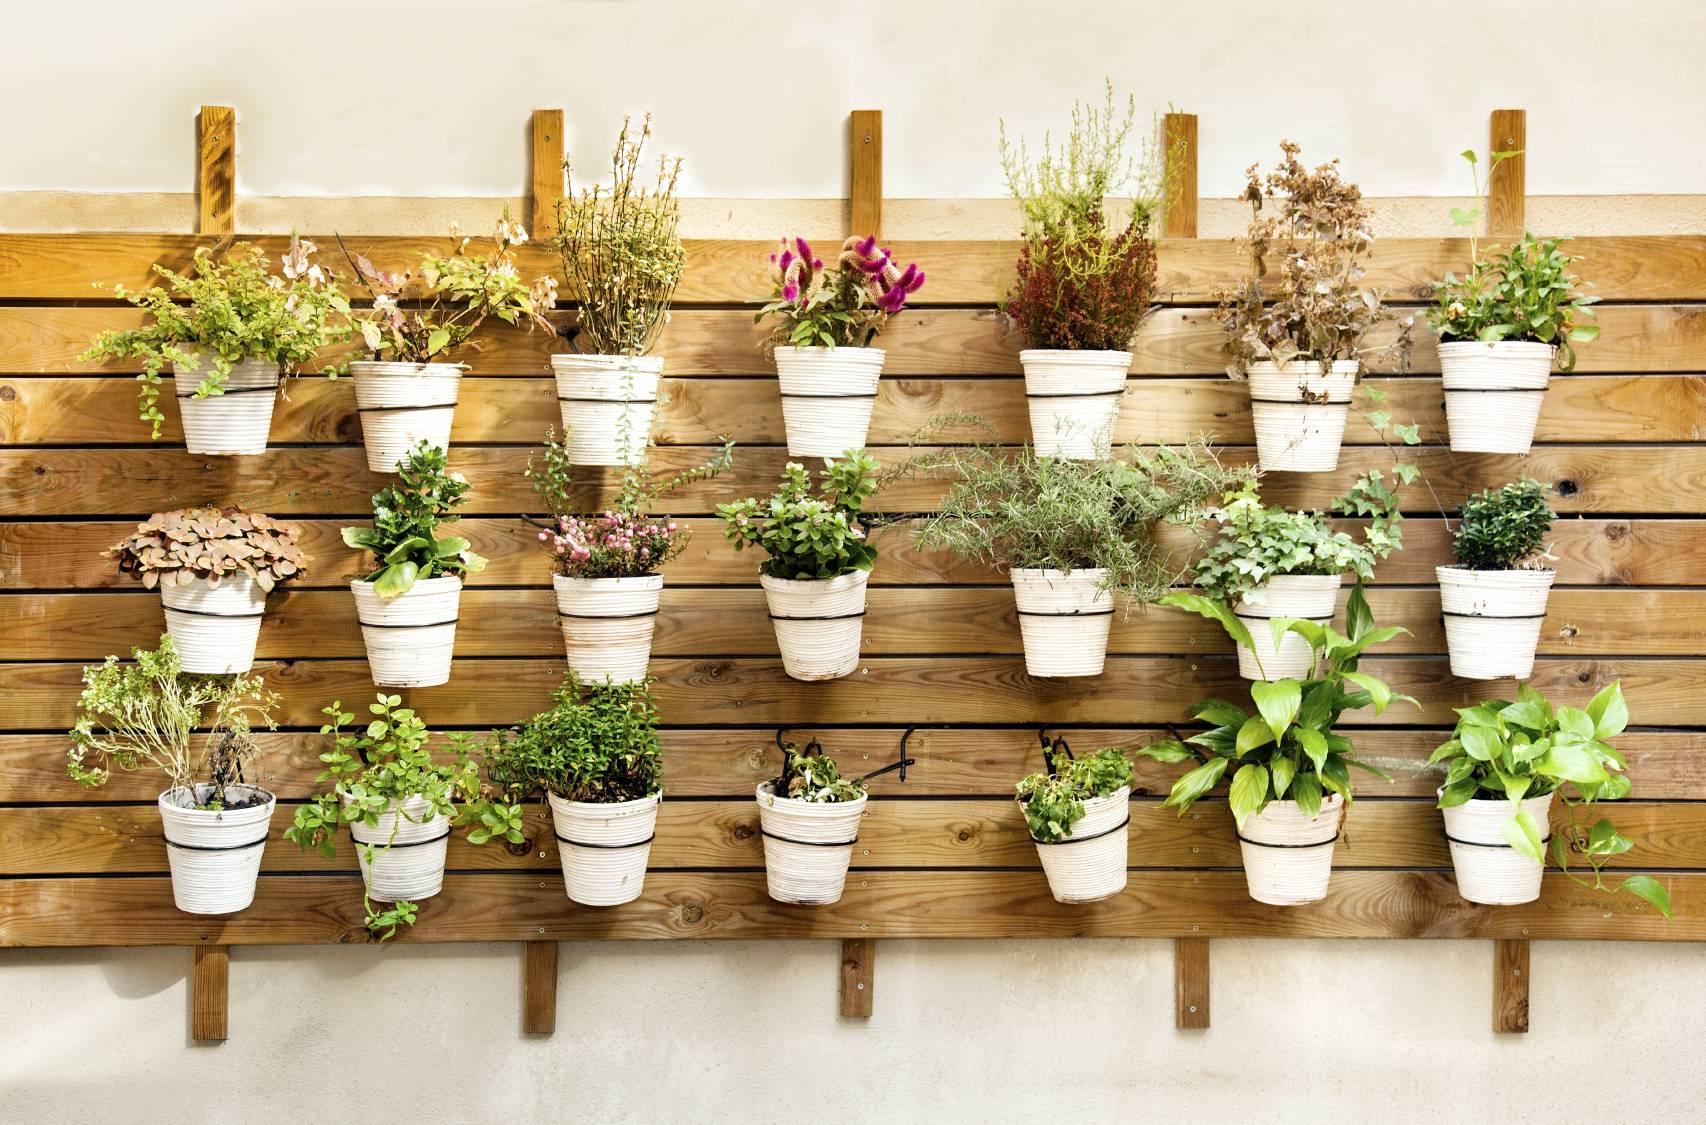 Comment d corer sa terrasse avec des pots de jardin design - Decorer terrasse avec plantes ...